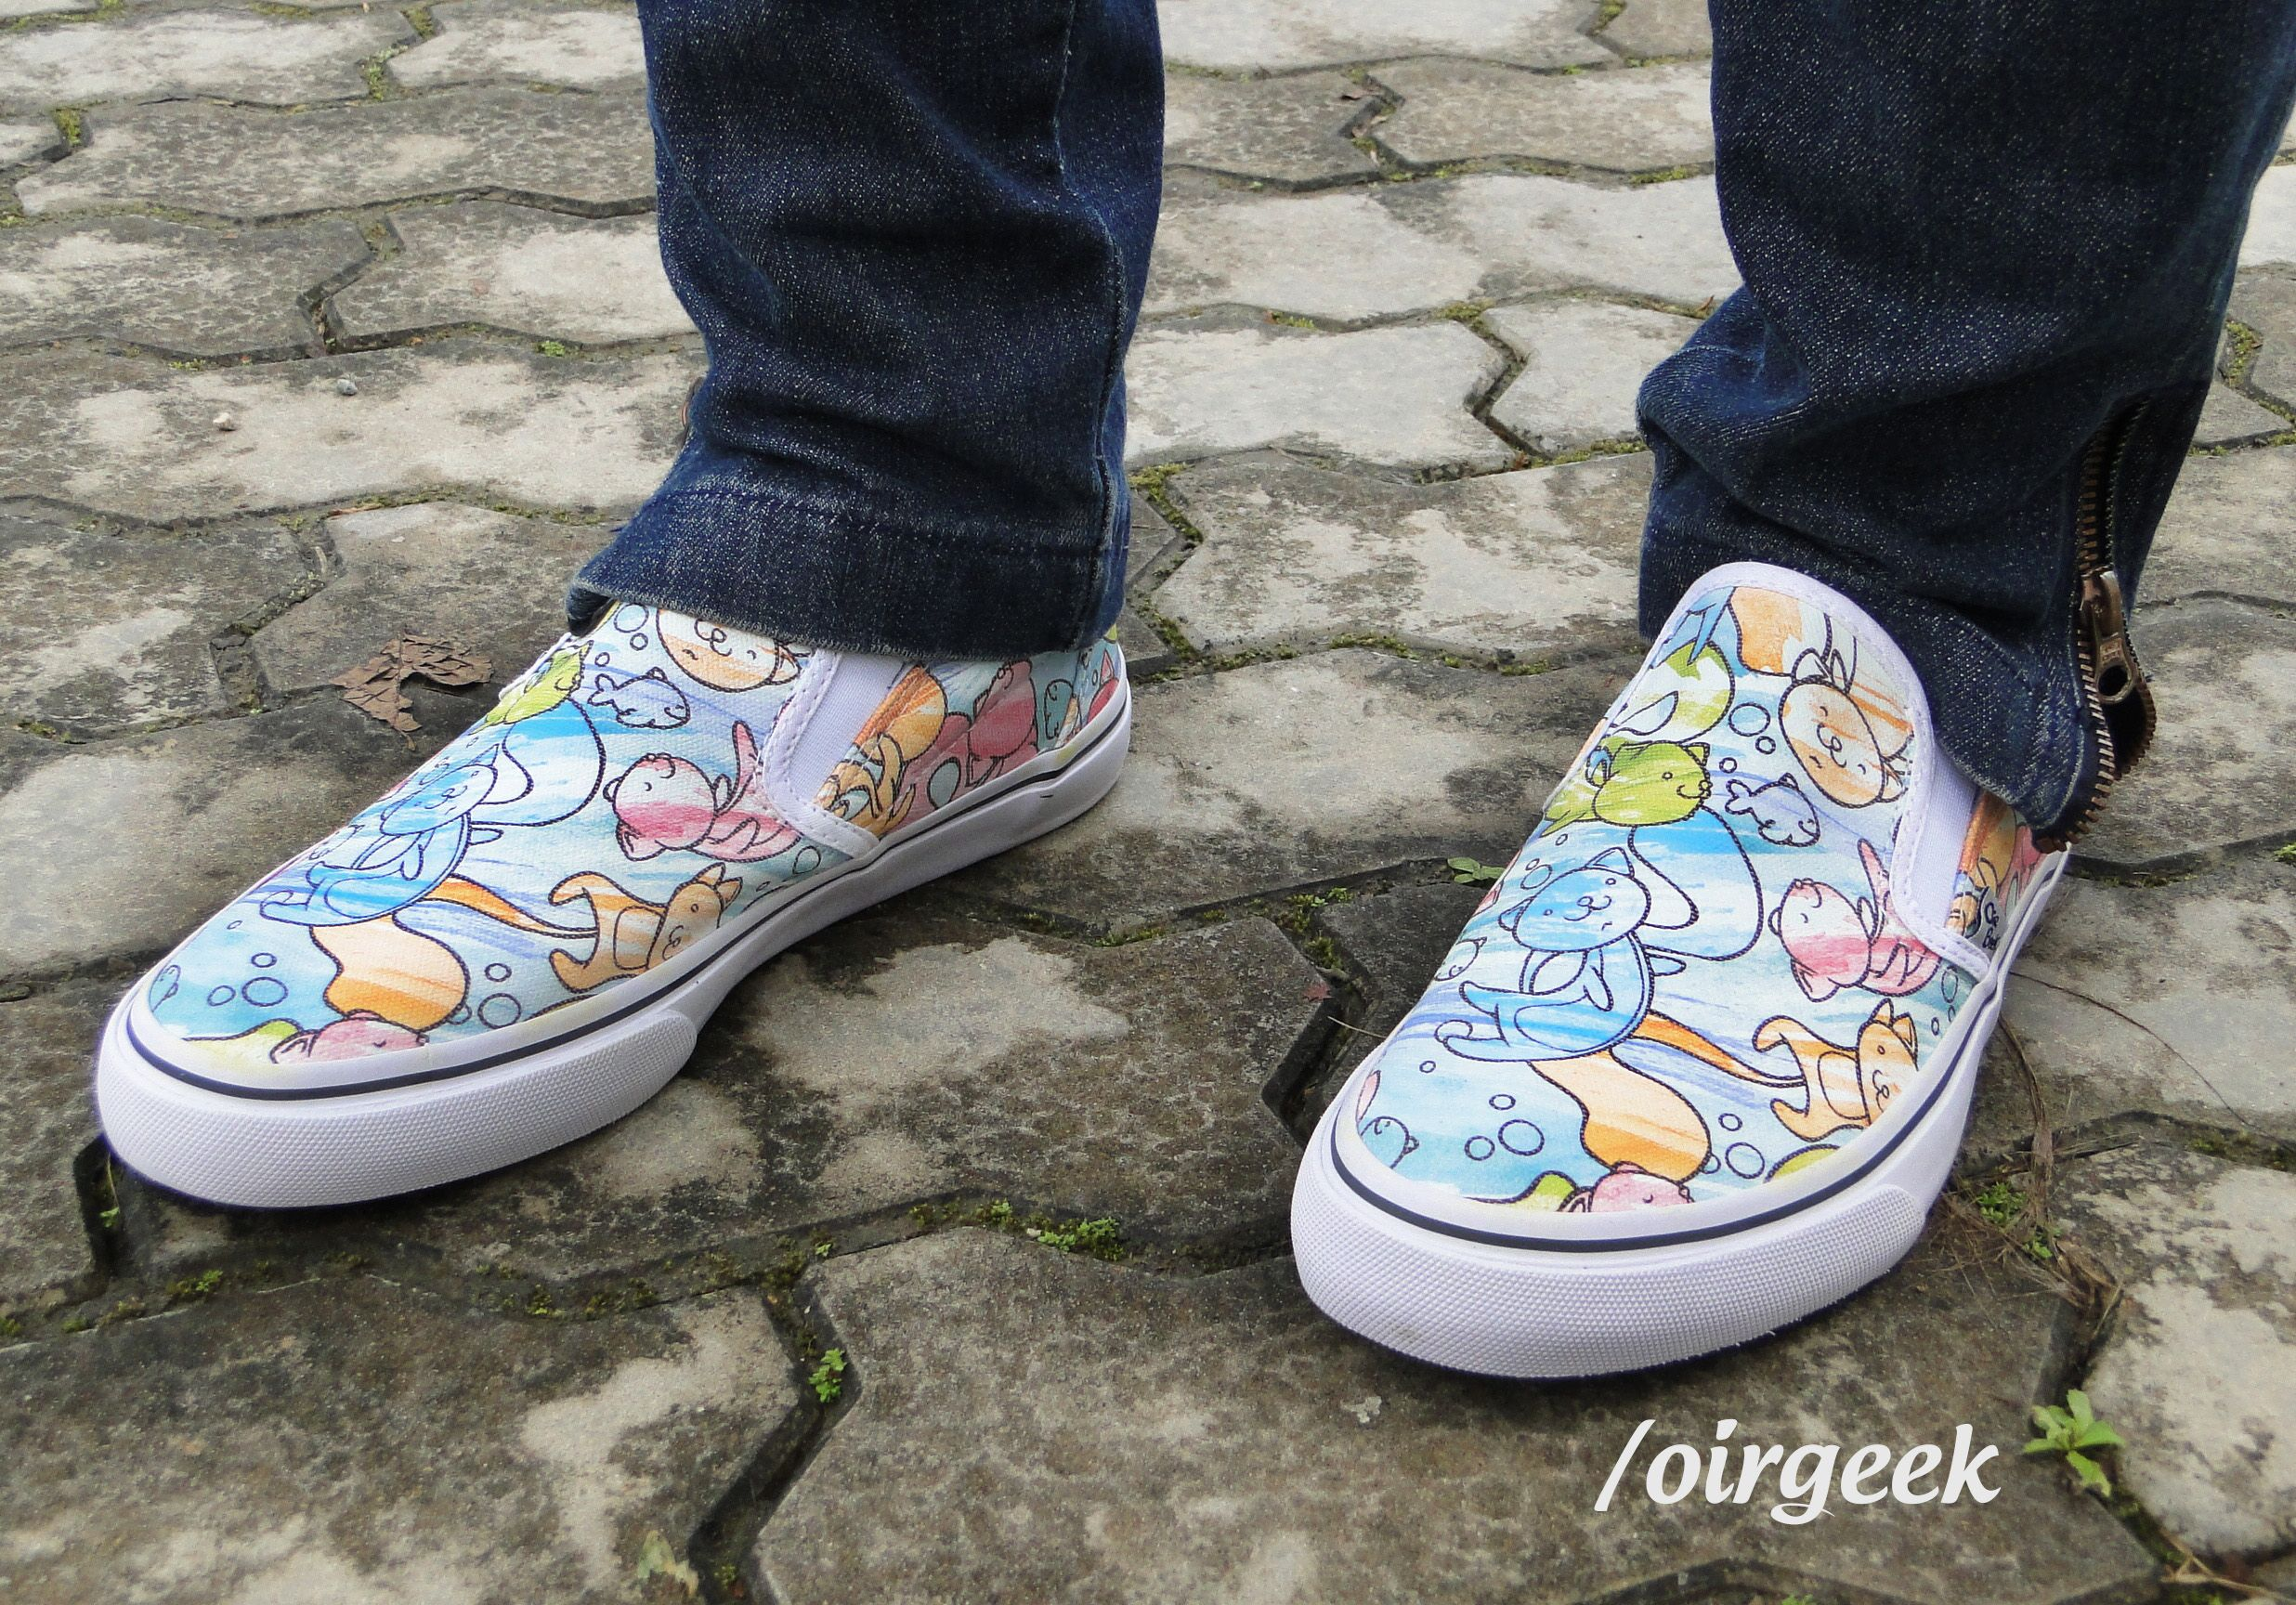 Nós amamos #gatos! São #fofos e amáveis como esses #tênis da Oir #Geek Essa lindesa pode ser comprada em: oirgeek.iluria.com/